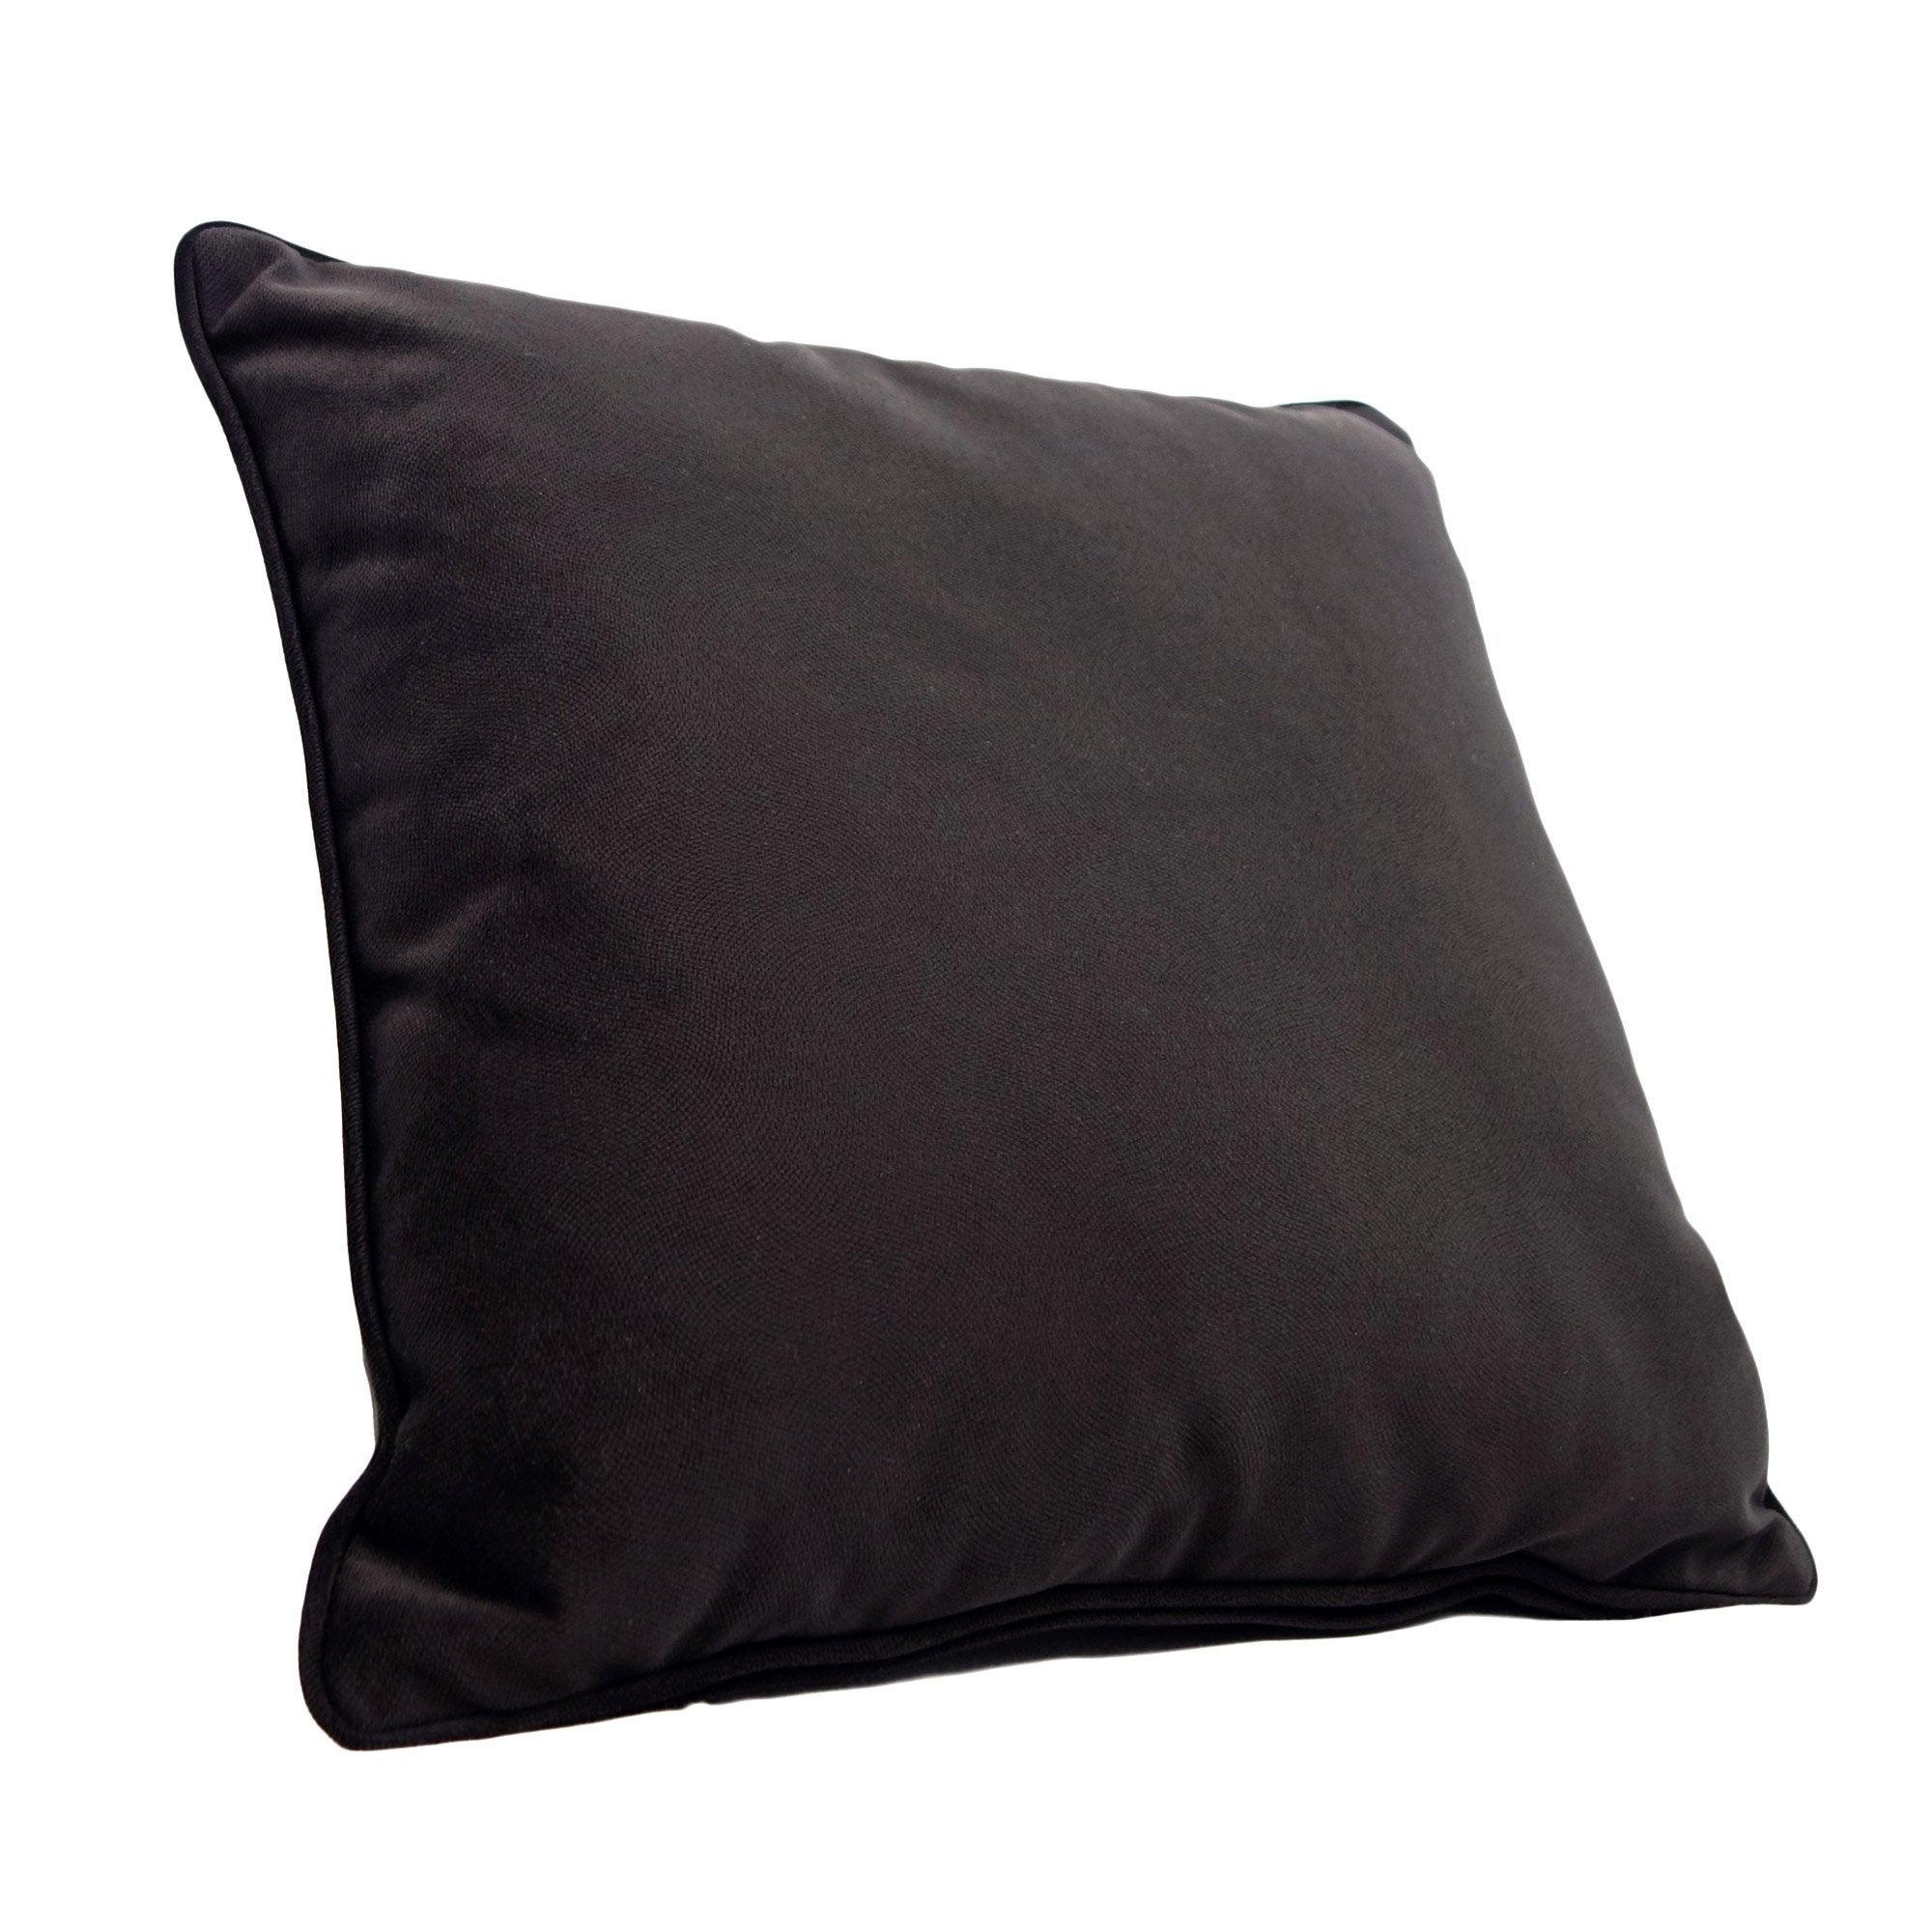 Coussin Cambridge, noir l.60 x H.60 cm